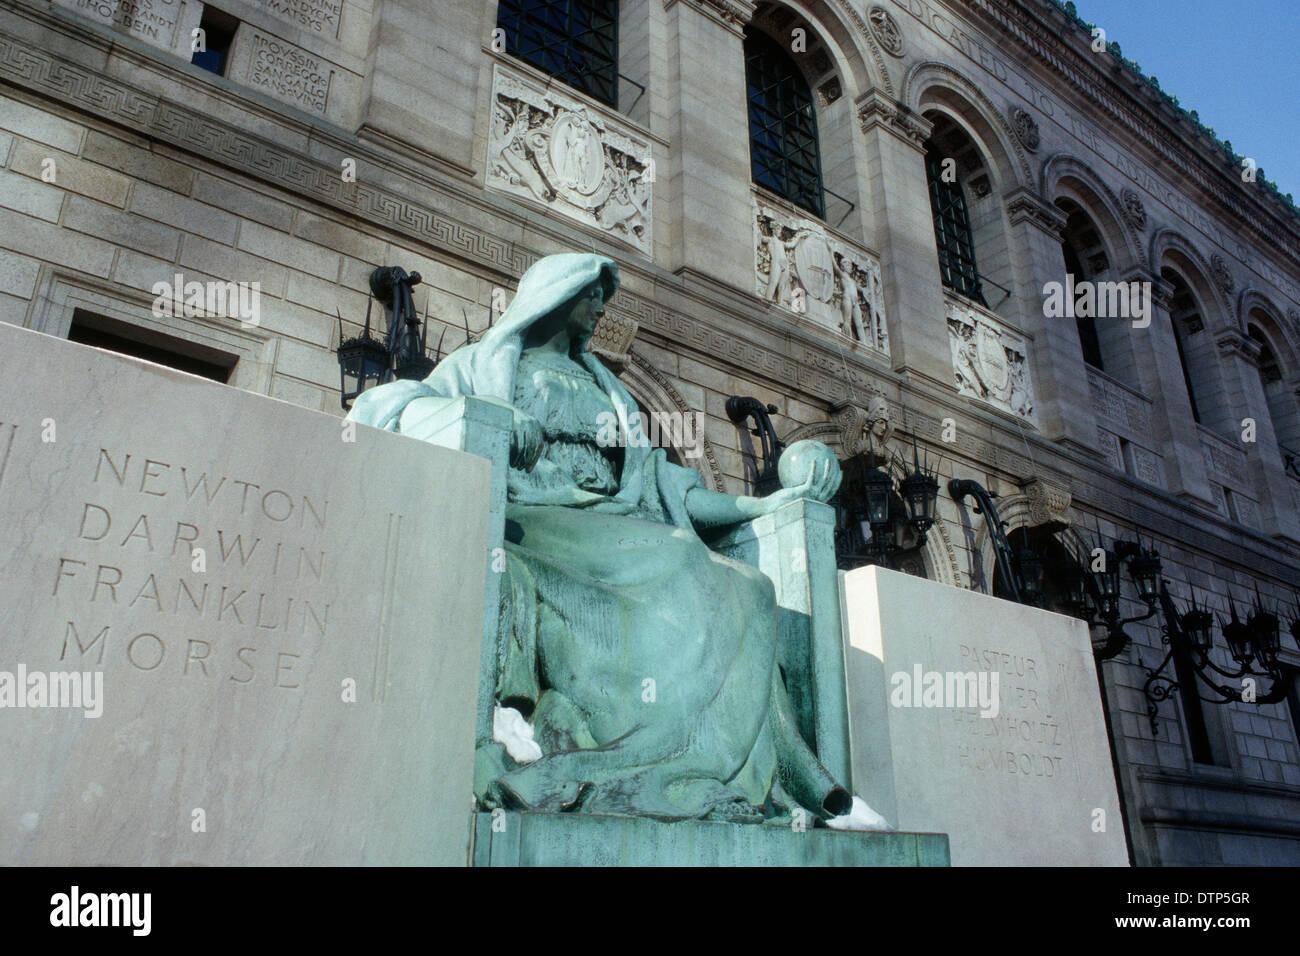 Boston Public Library, Copley Square, Boston USA.  Stock Photo